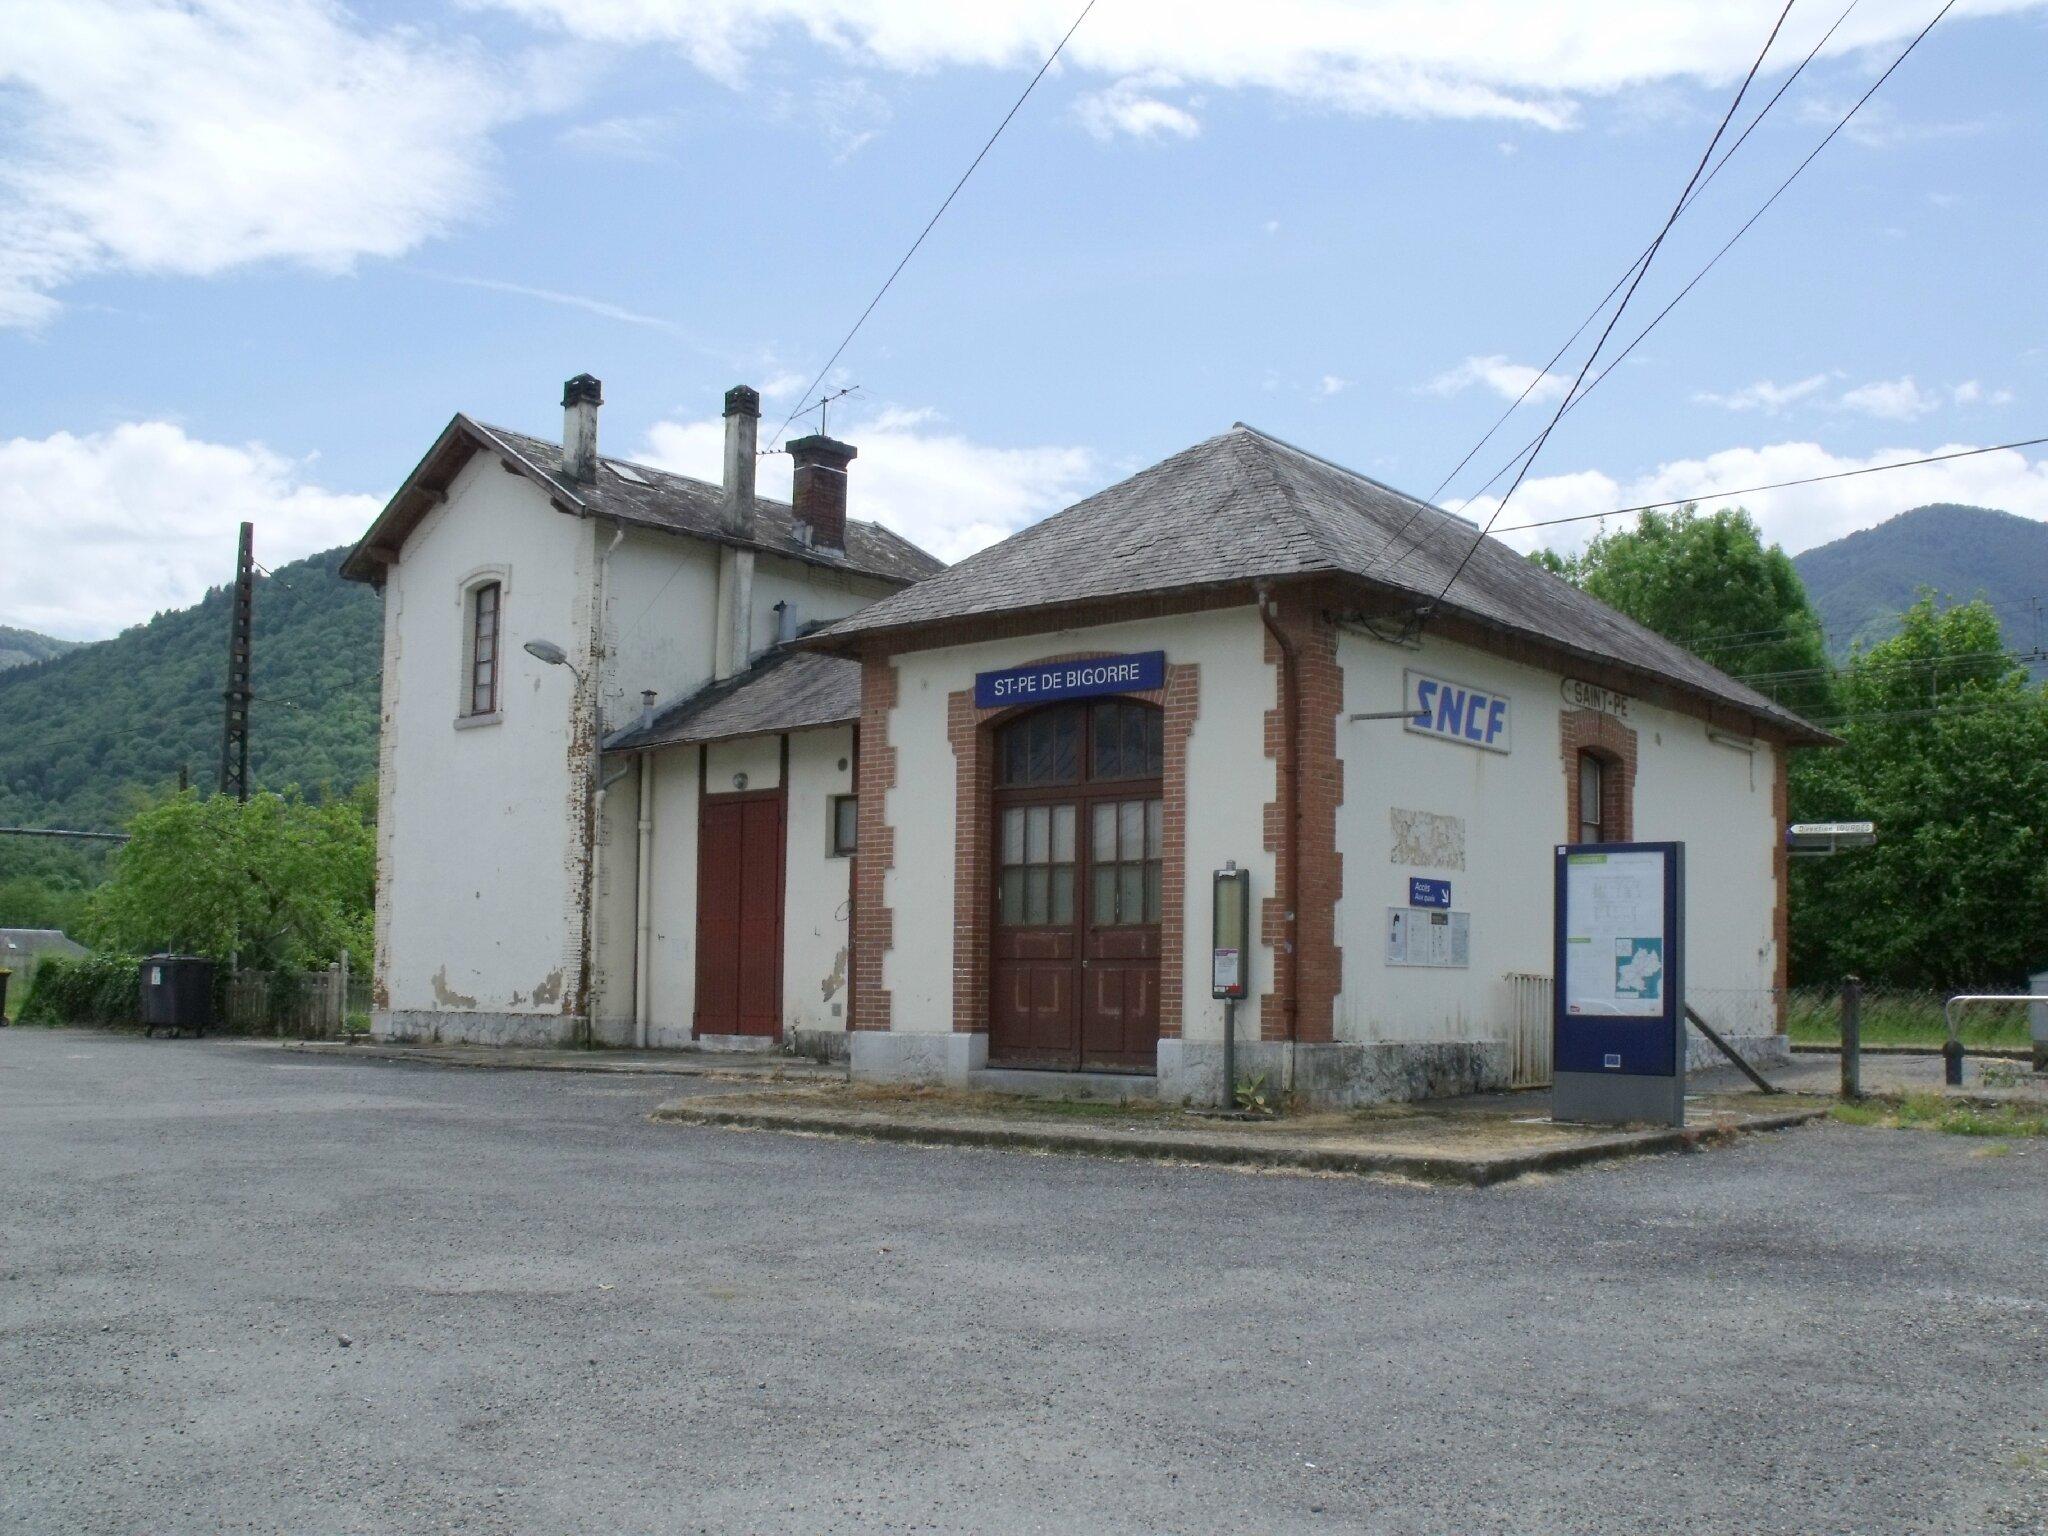 Saint-Pé-de-Bigorre (Hautes-Pyrénées - 65)